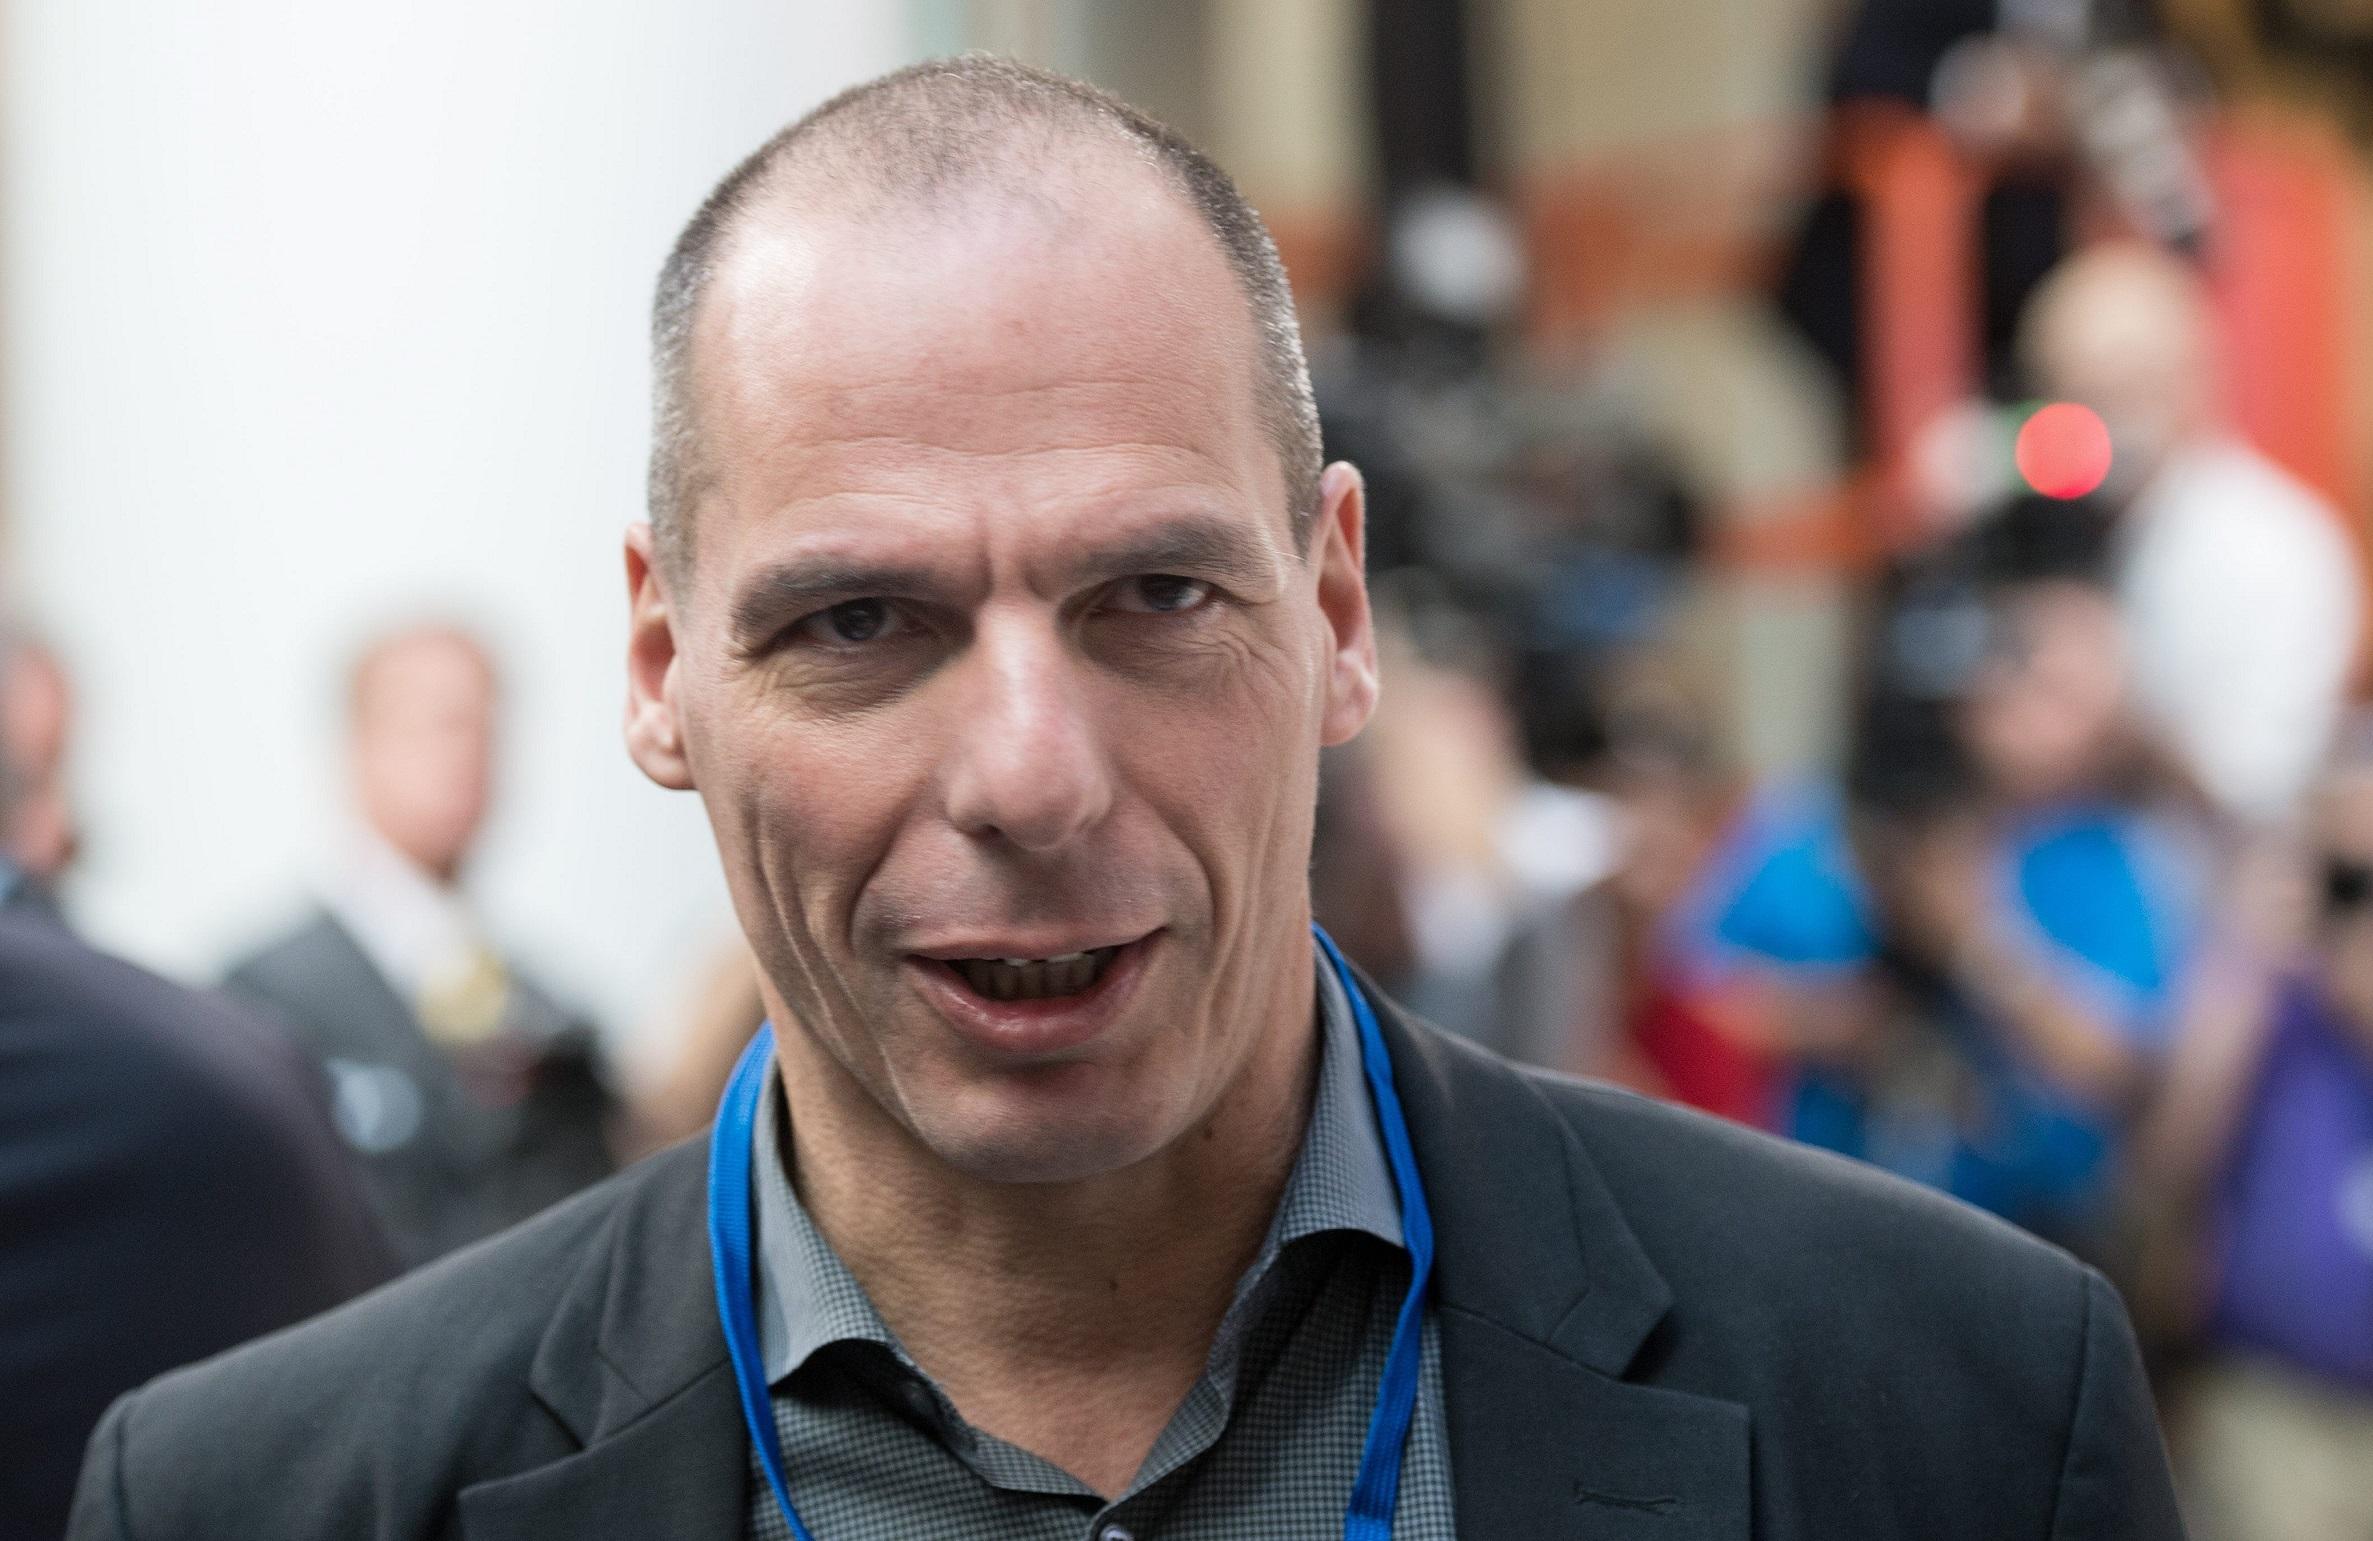 Parola d'ordine: sfotti il Varoufakis per spiegare il crac